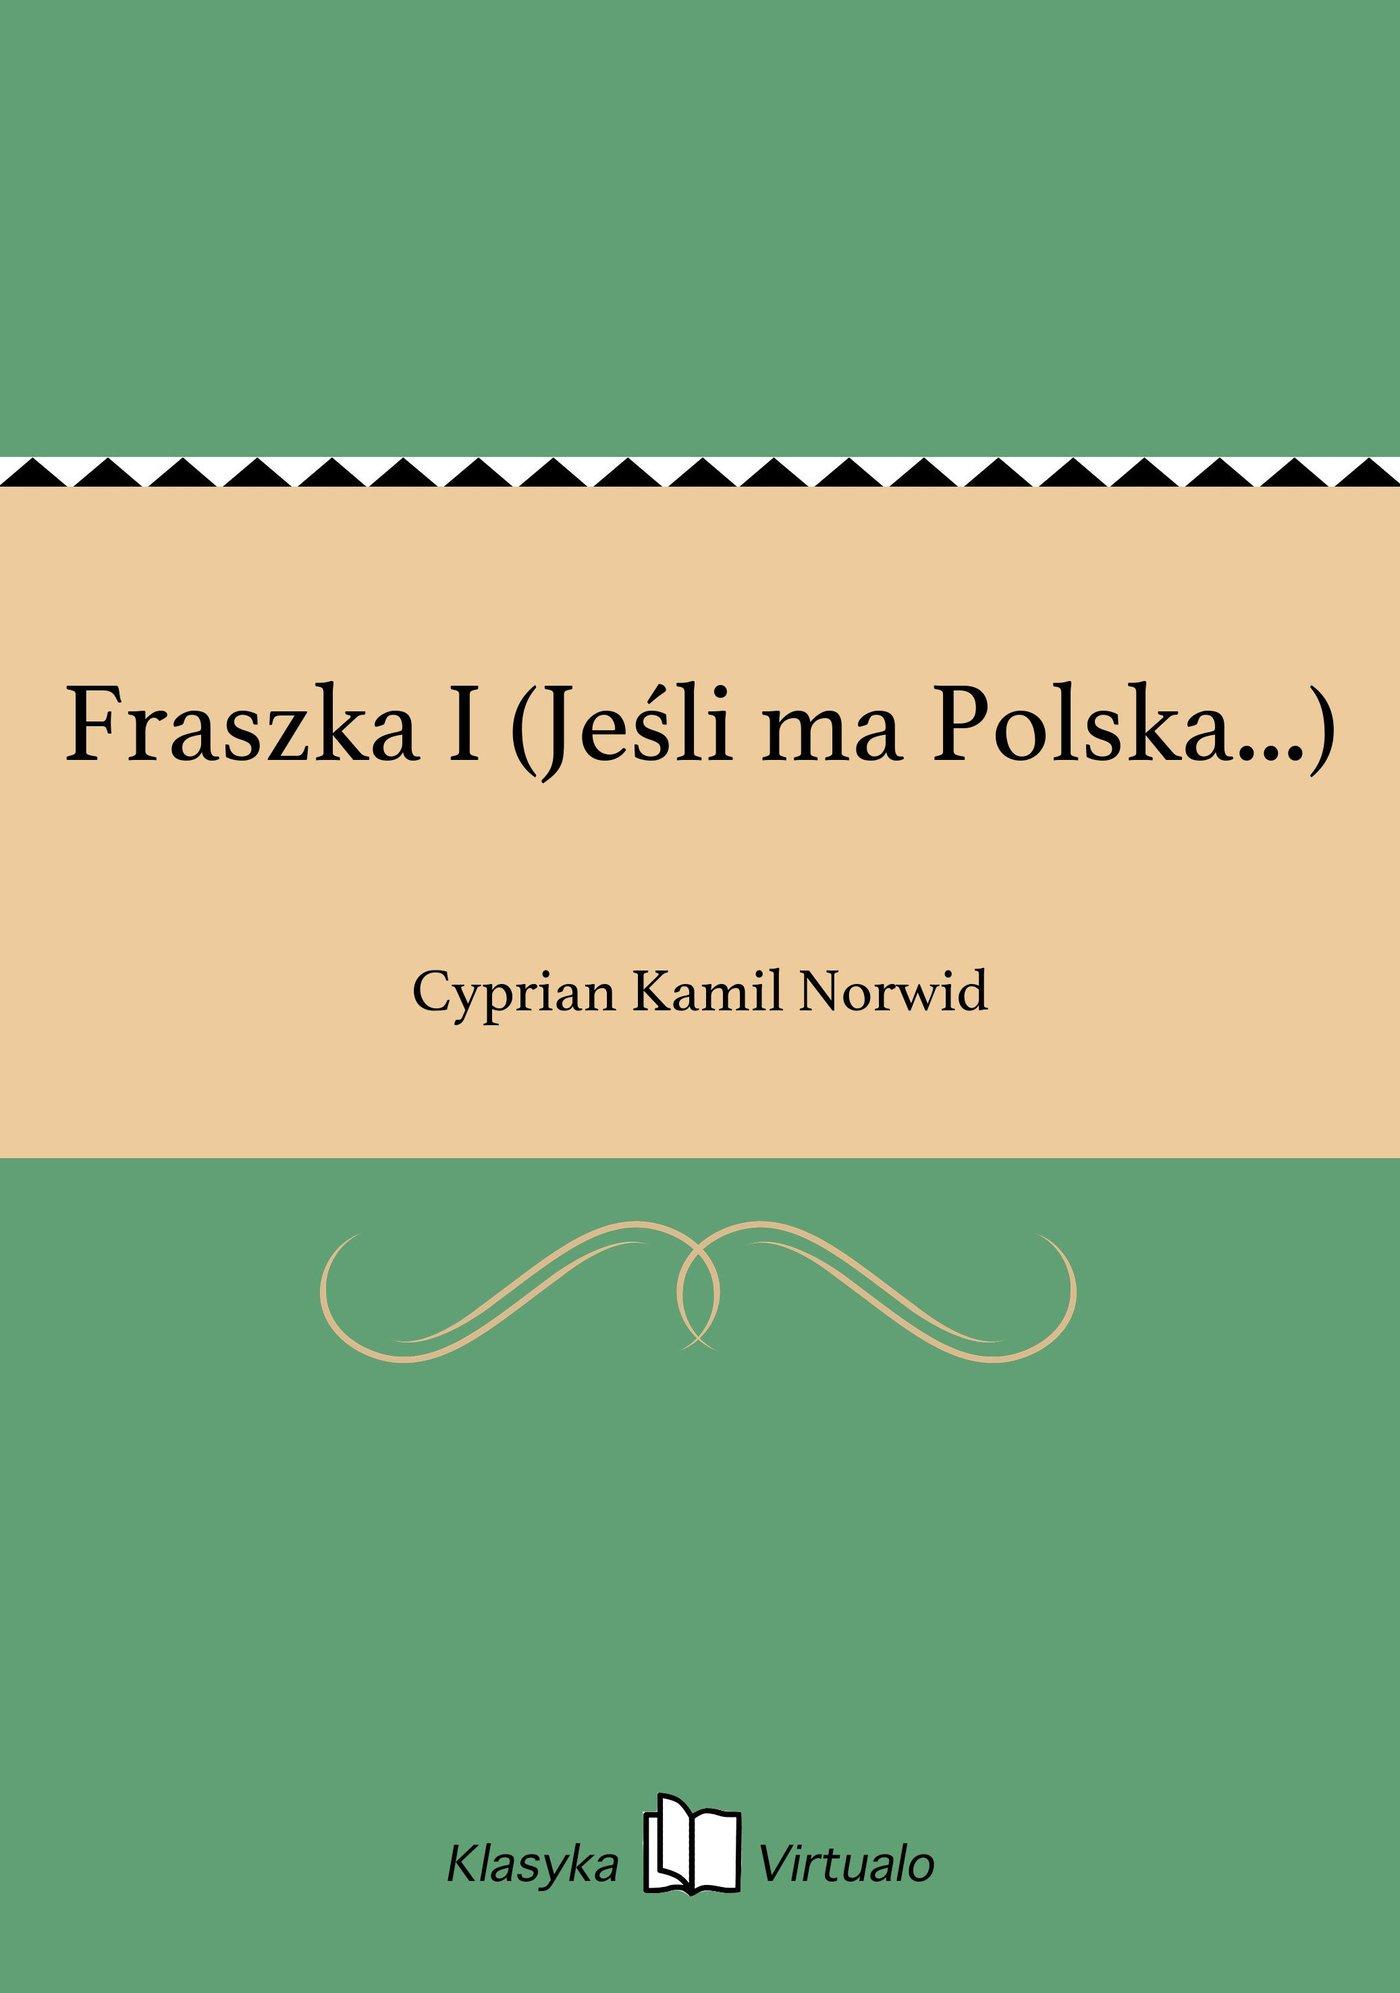 Fraszka I (Jeśli ma Polska...) - Ebook (Książka EPUB) do pobrania w formacie EPUB